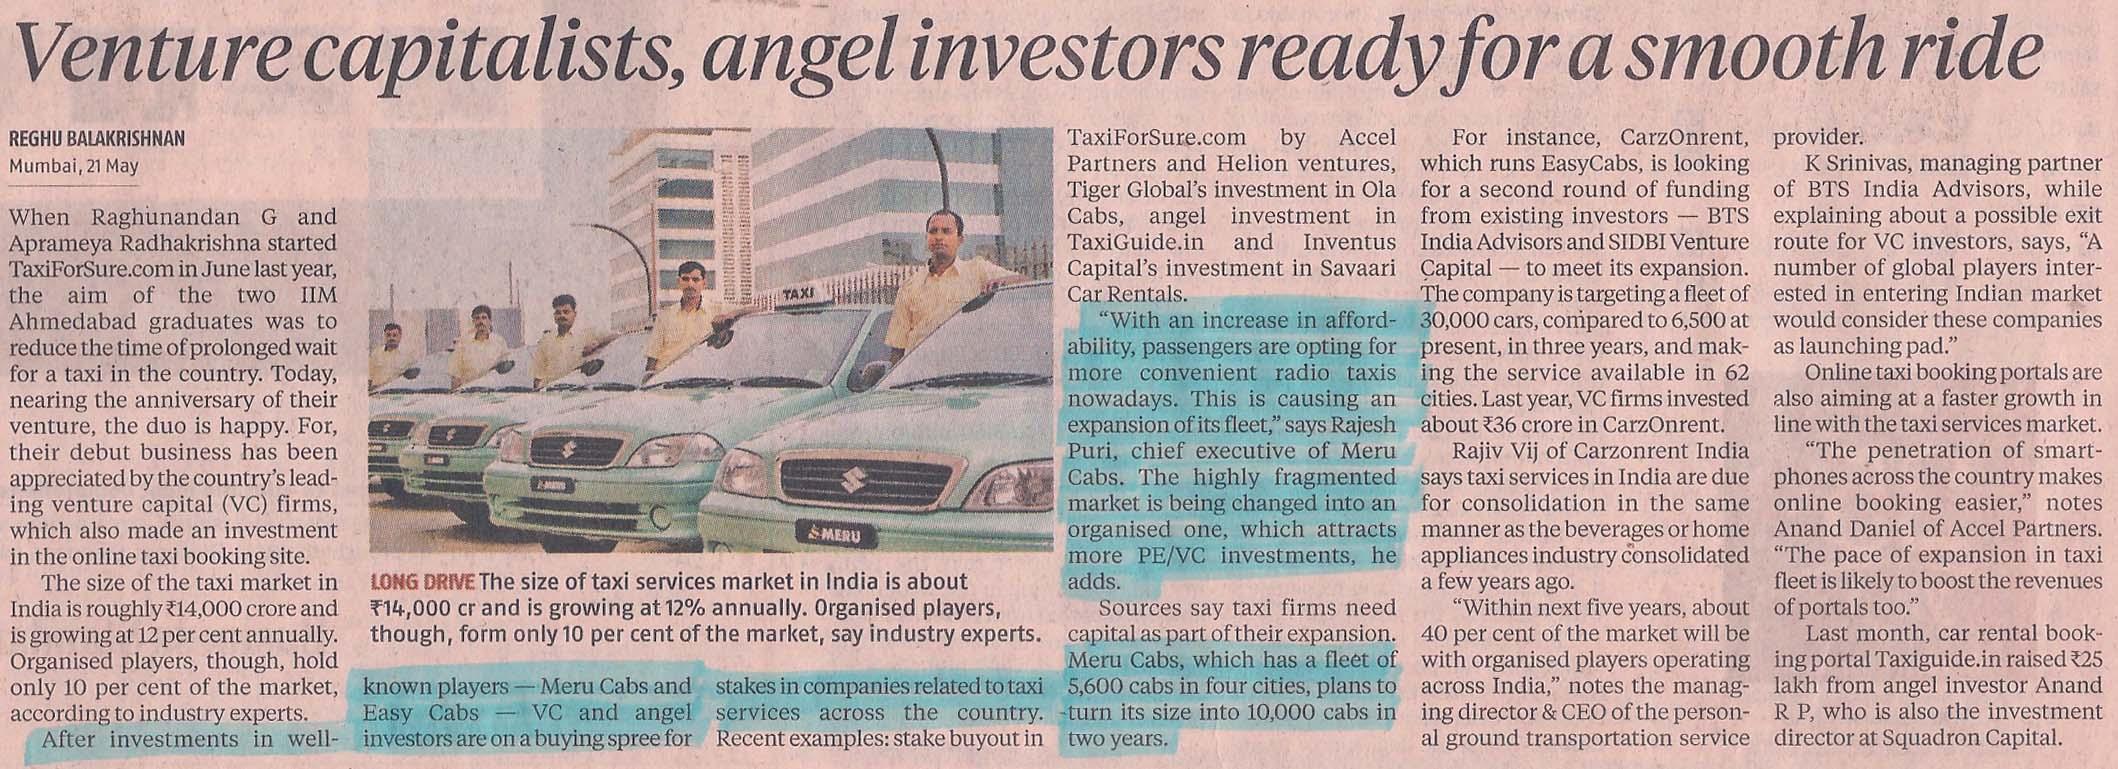 Business Standard 22 05 12 Pg 02.jpg